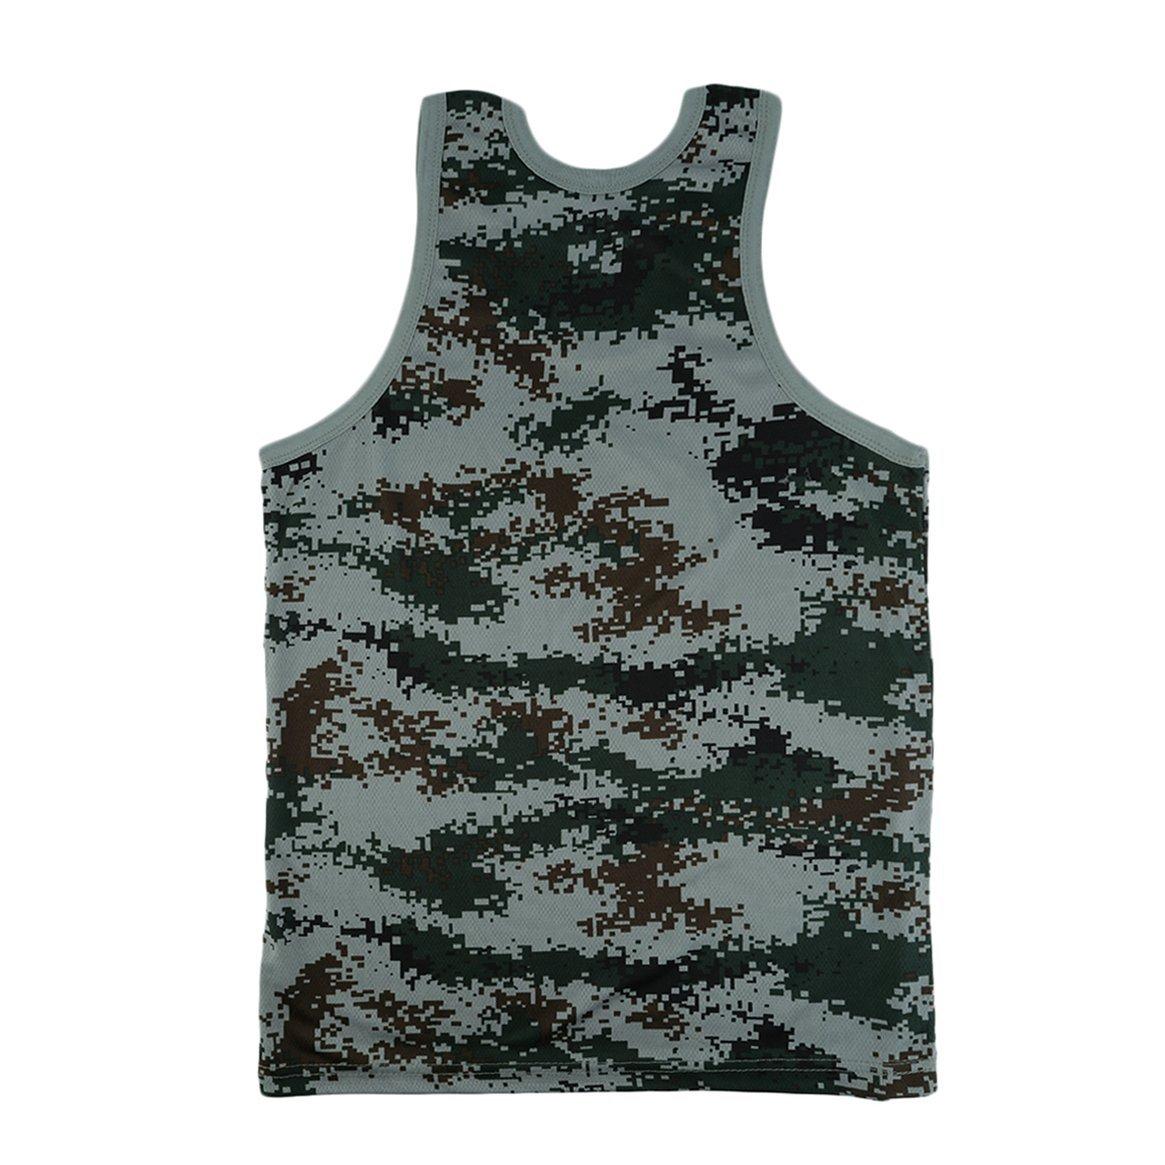 01174d63e6792 Hommes Mode Militaire Style Hommes Gilet Camouflage Débardeur Stretchy  Sauvage Serré Gym Sport Maigre Musculation Vêtements de Sport: Amazon.fr:  Vêtements ...